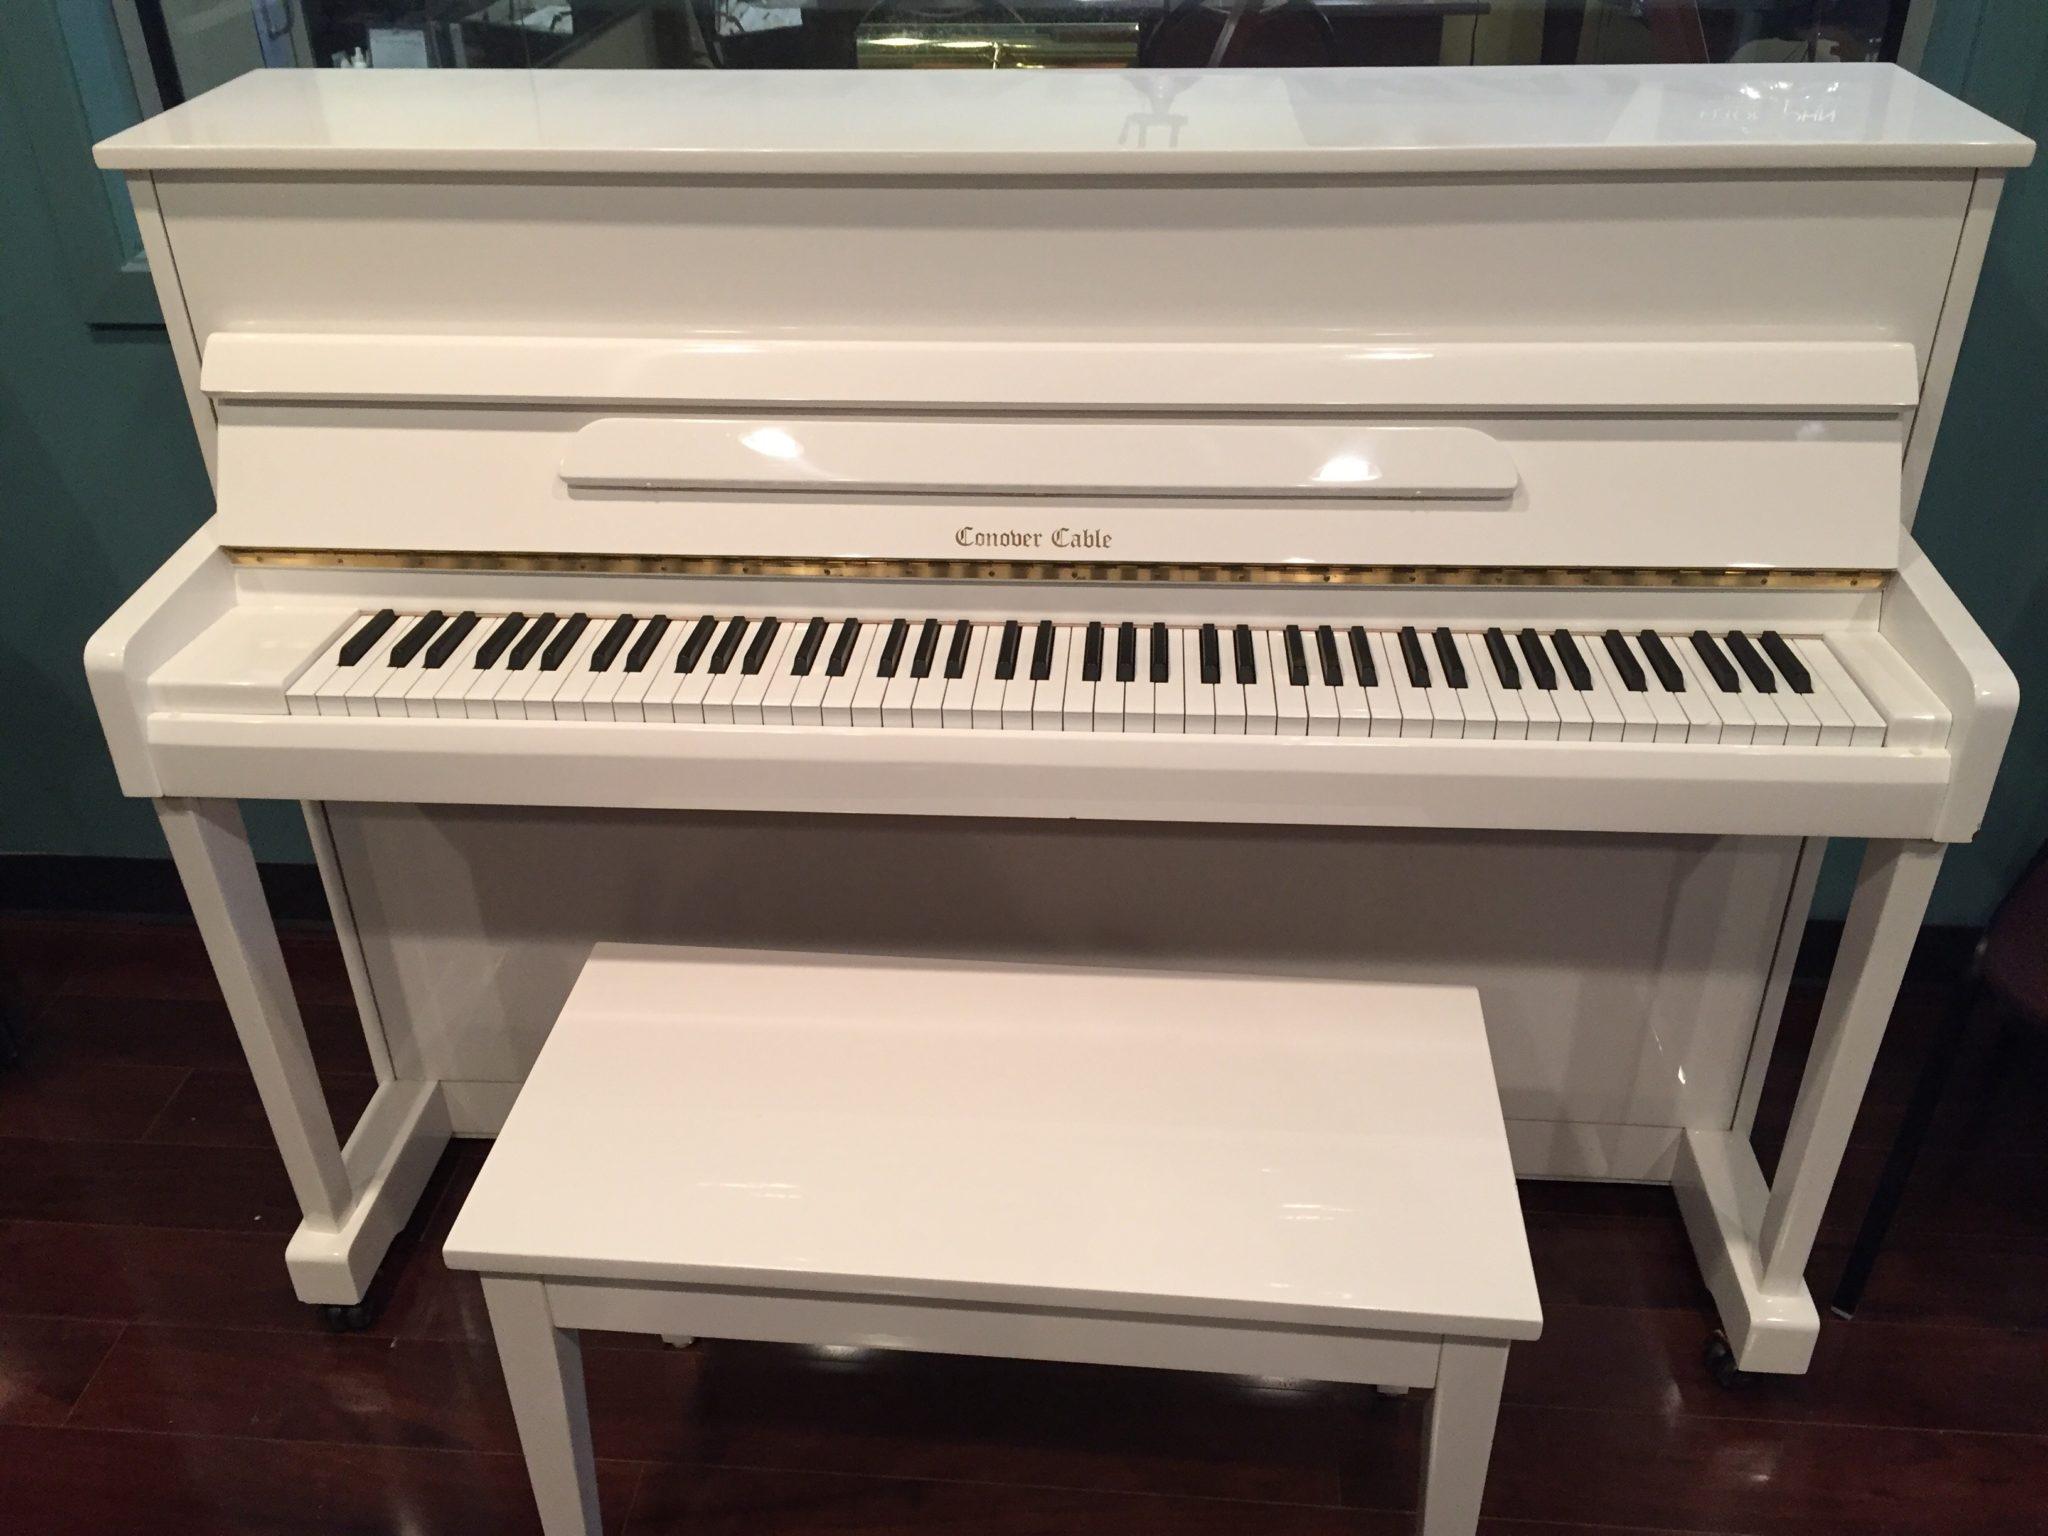 Conover Cable – Model CC12 white 44″ upright piano